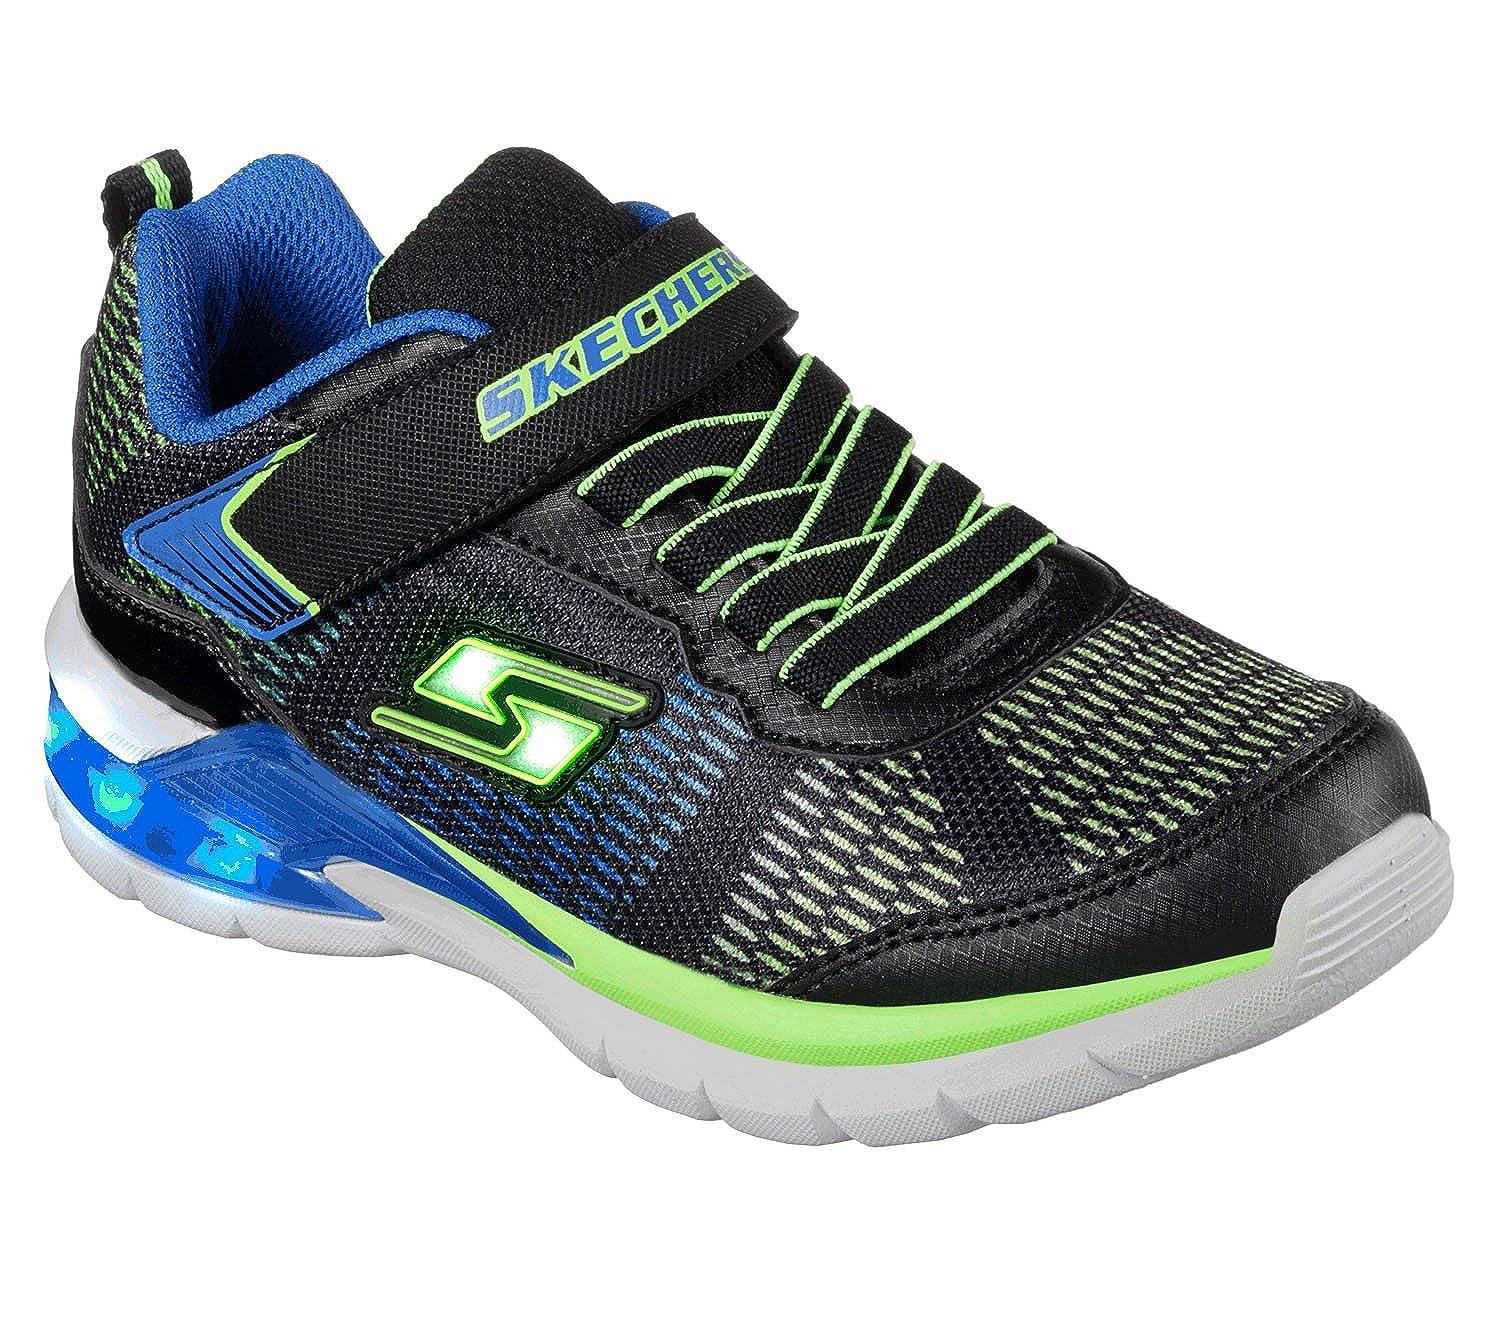 2ad8efa5c48f Skechers Boy s Erupters Ii Trainers  Amazon.co.uk  Shoes   Bags